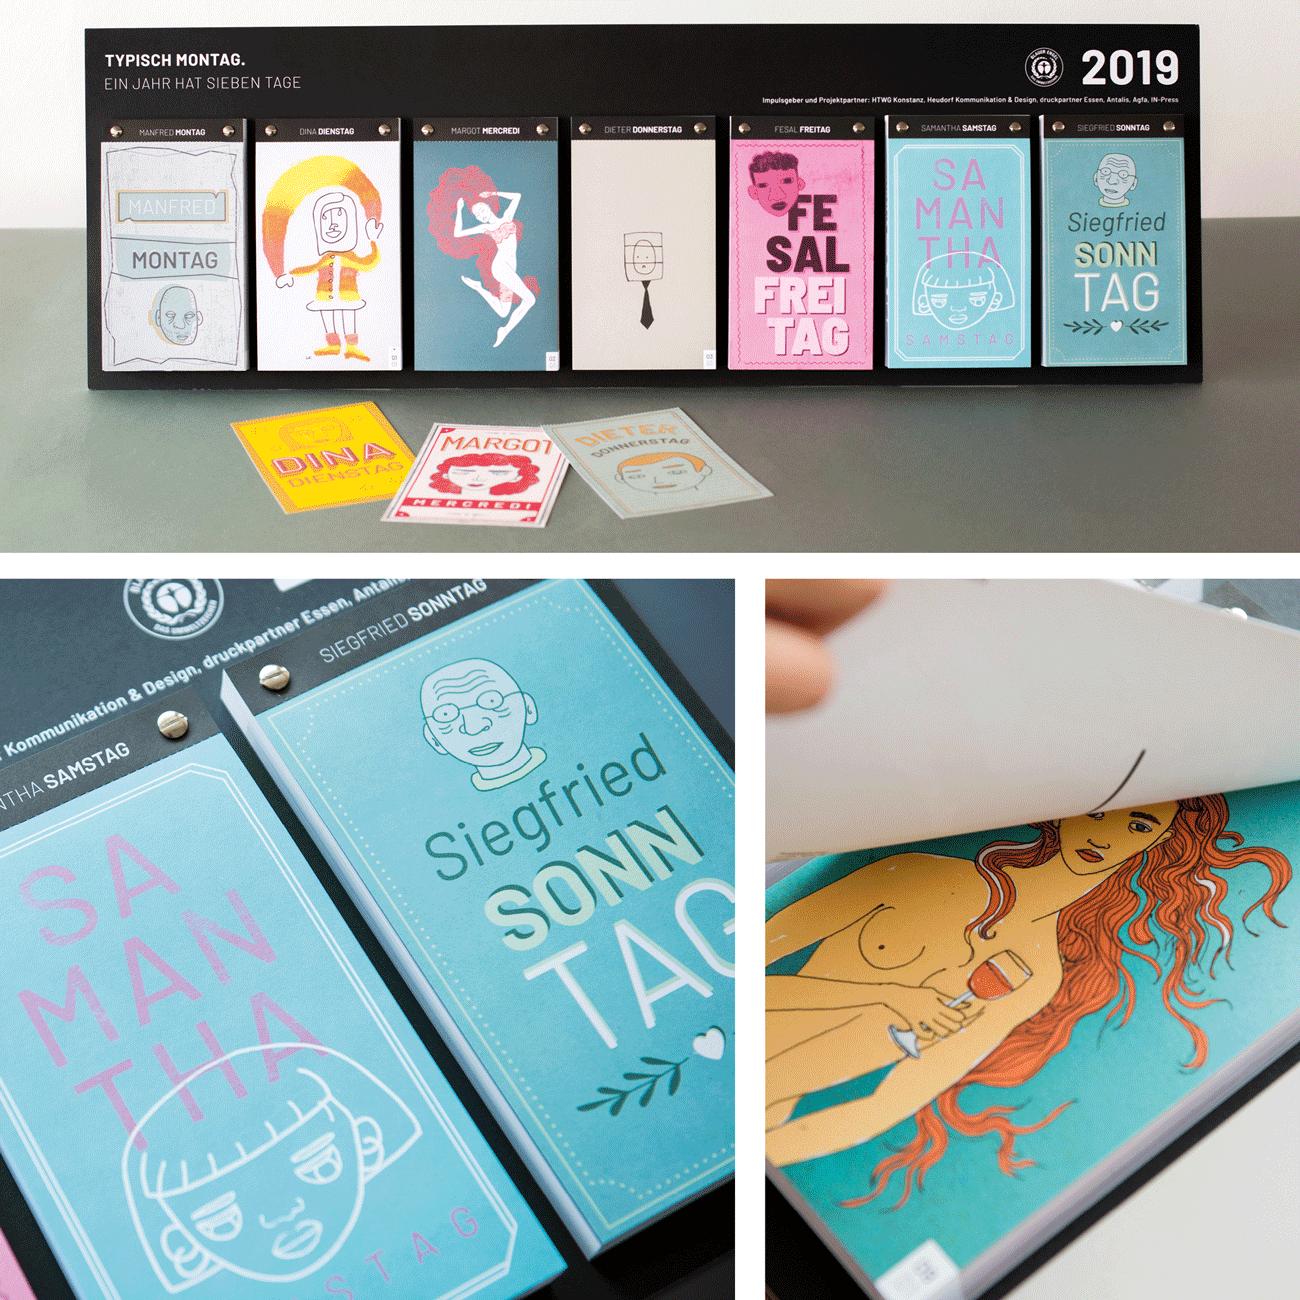 Kalenderdesign 2019 von der HTWG Konstanz mit Illustrationen